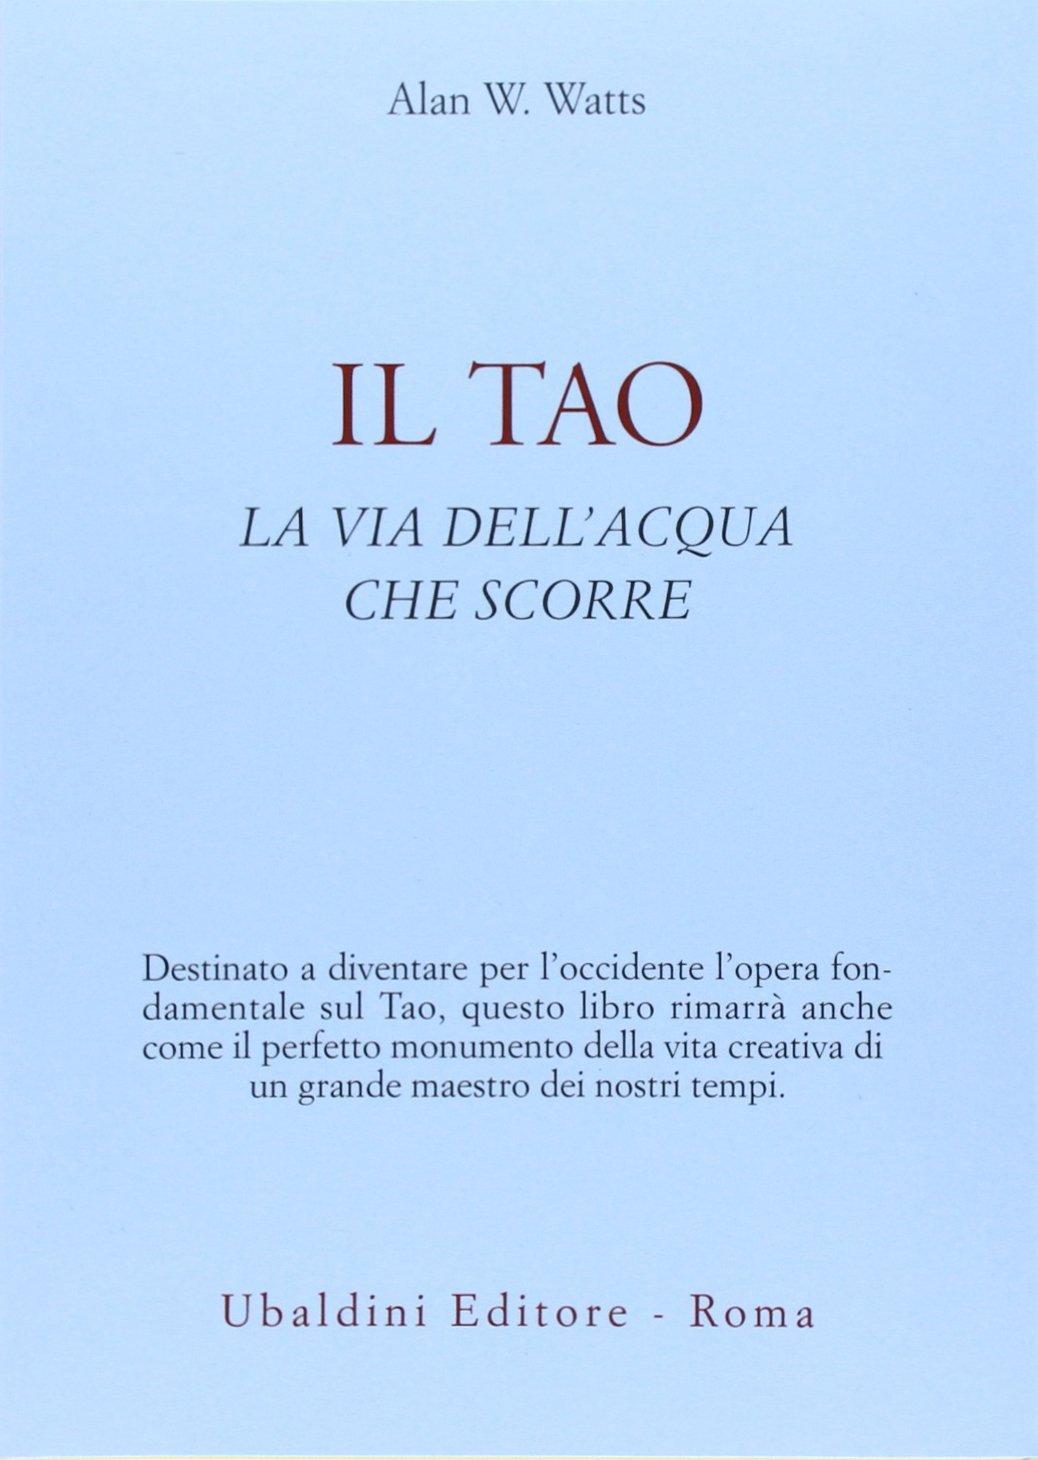 Il Tao: La Via Dell'acqua Che Scorre